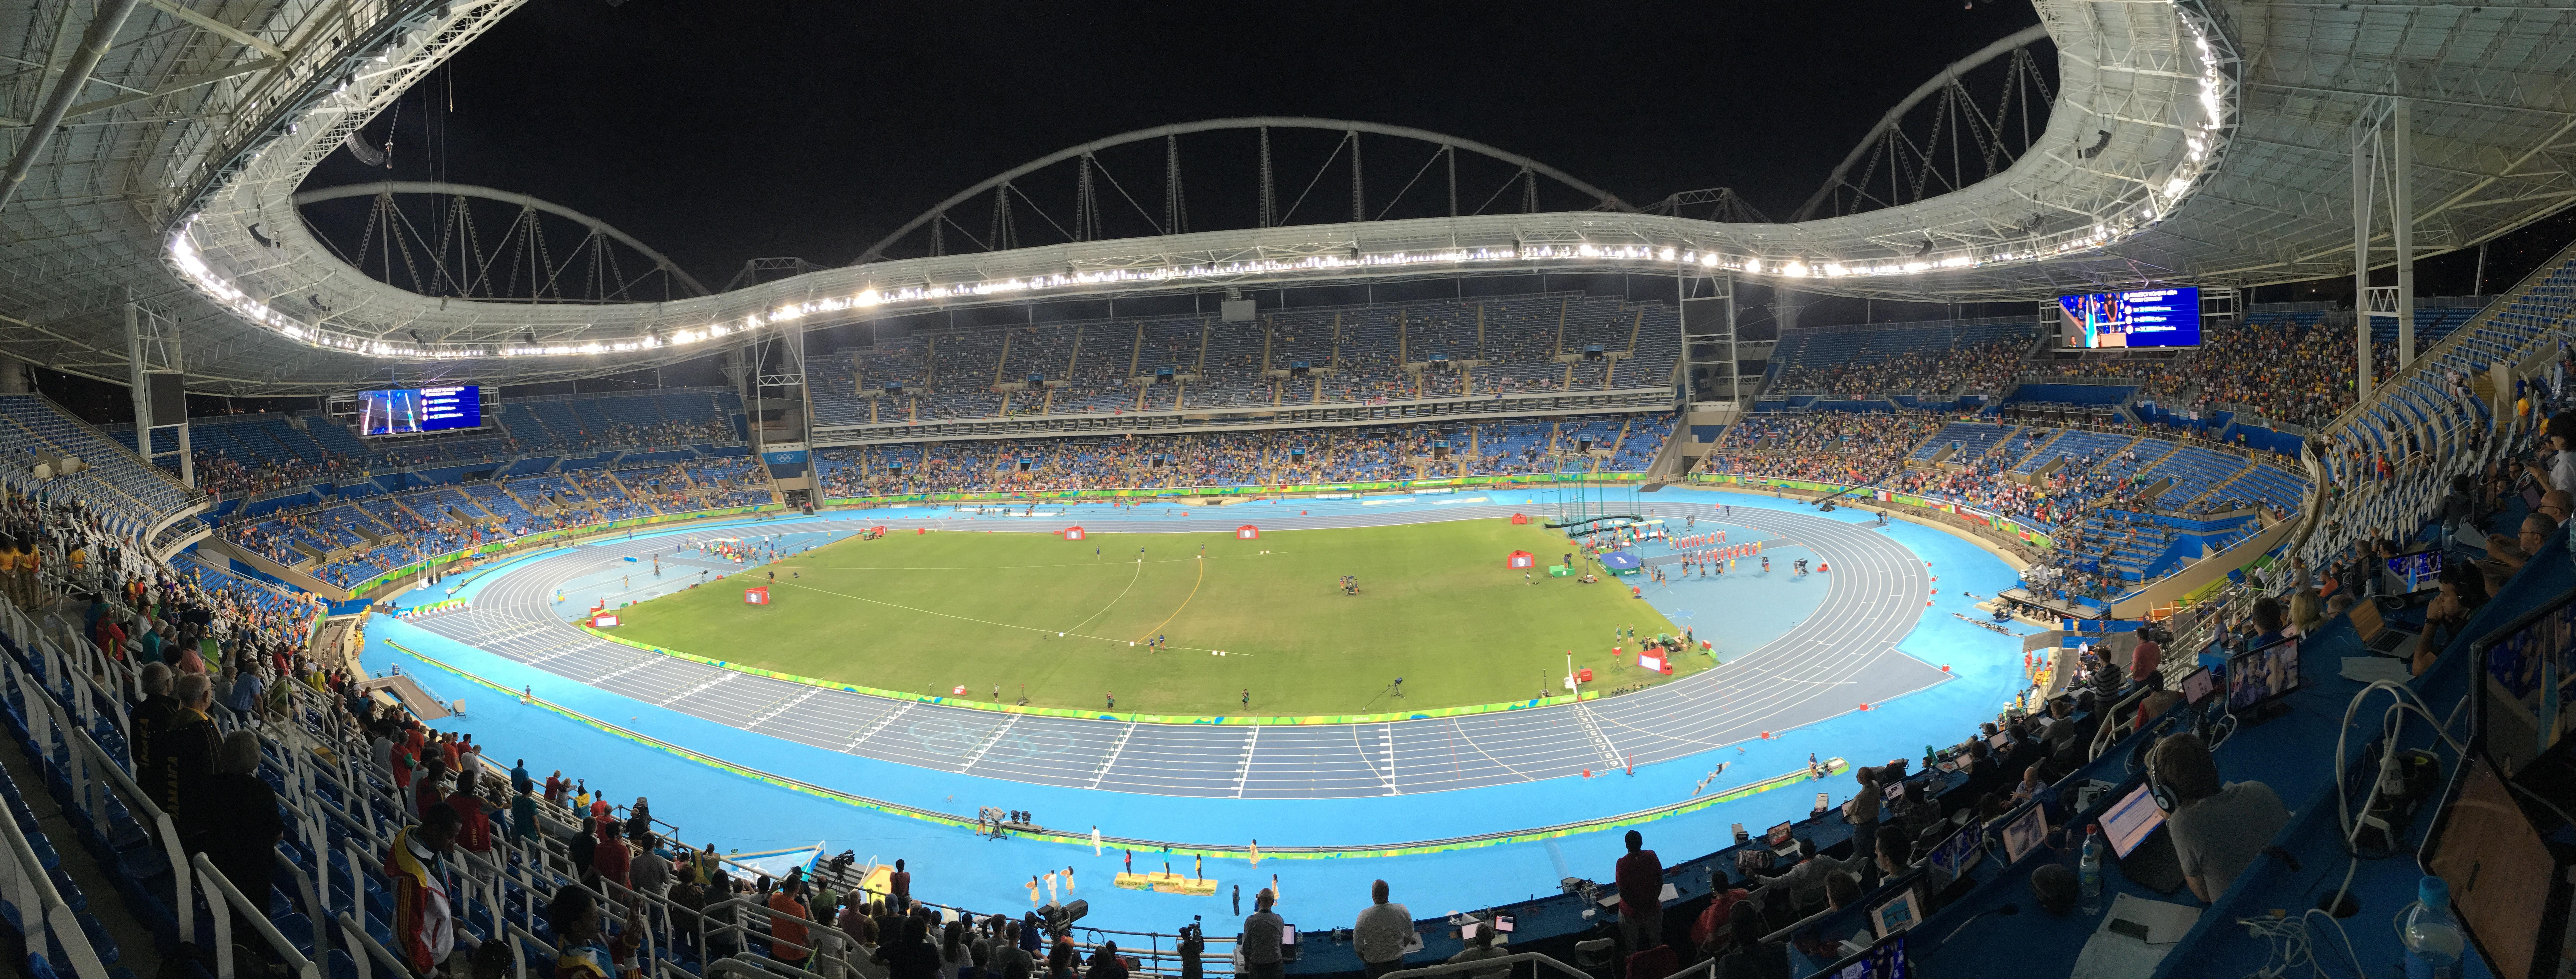 another chance df3de 88099 Det som väntar är en ny friidrottskväll med finaler på bland annat 1500  meter för damer, 110 häck och herrarnas höjdfinal. De hade förtjänat en  festligare ...